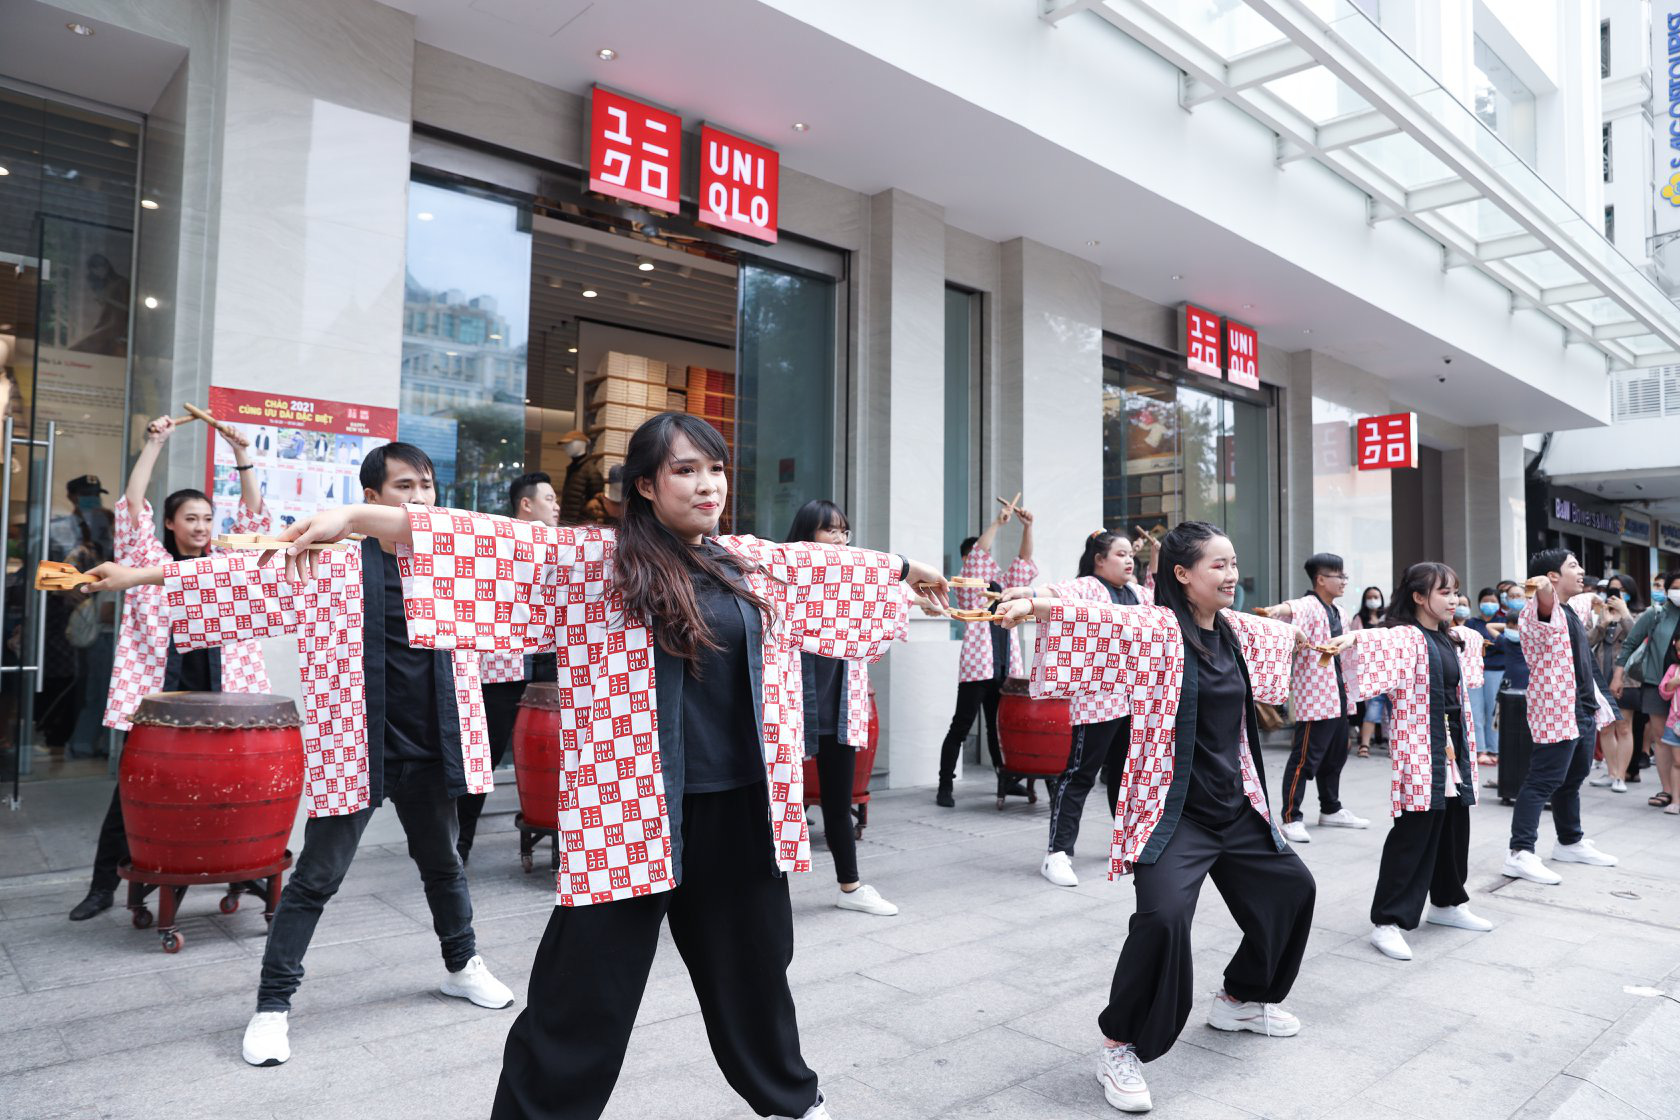 UNIQLO gửi gắm thông điệp mừng năm mới qua vũ điệu Yosakoi đậm chất Nhật - Ảnh 9.